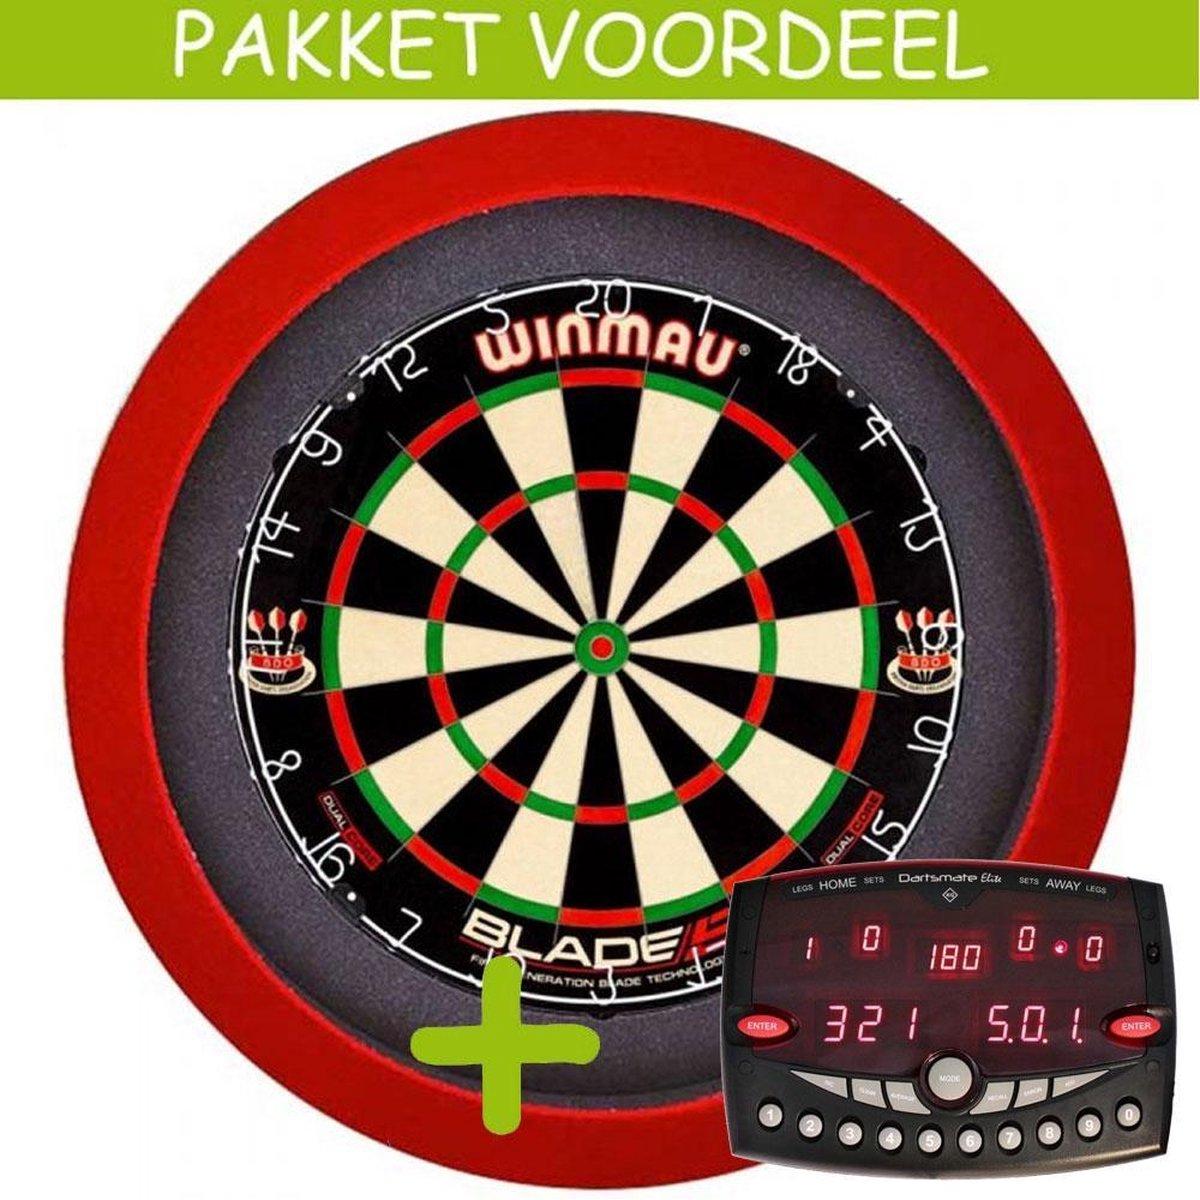 Elektronisch Dart Scorebord VoordeelPakket (Elite ) - Dual Core - Dartbordverlichting Basic (Rood)